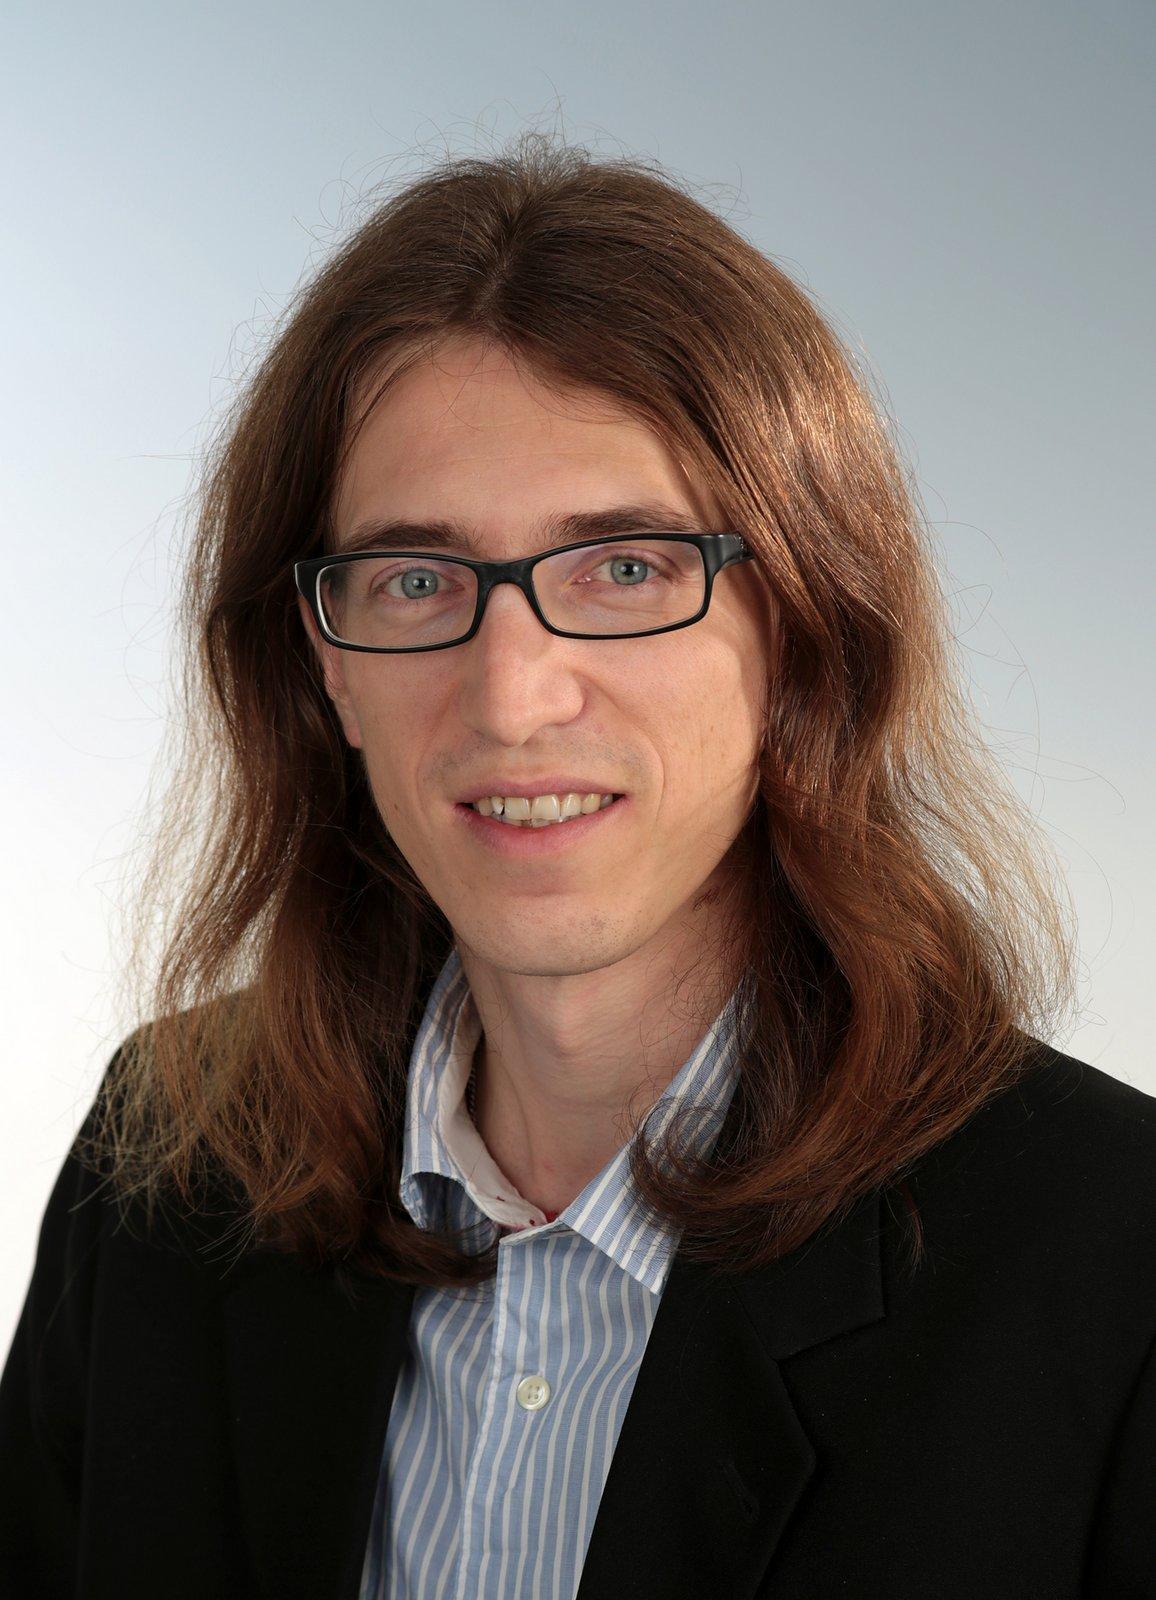 Dr. Benjamin Suger